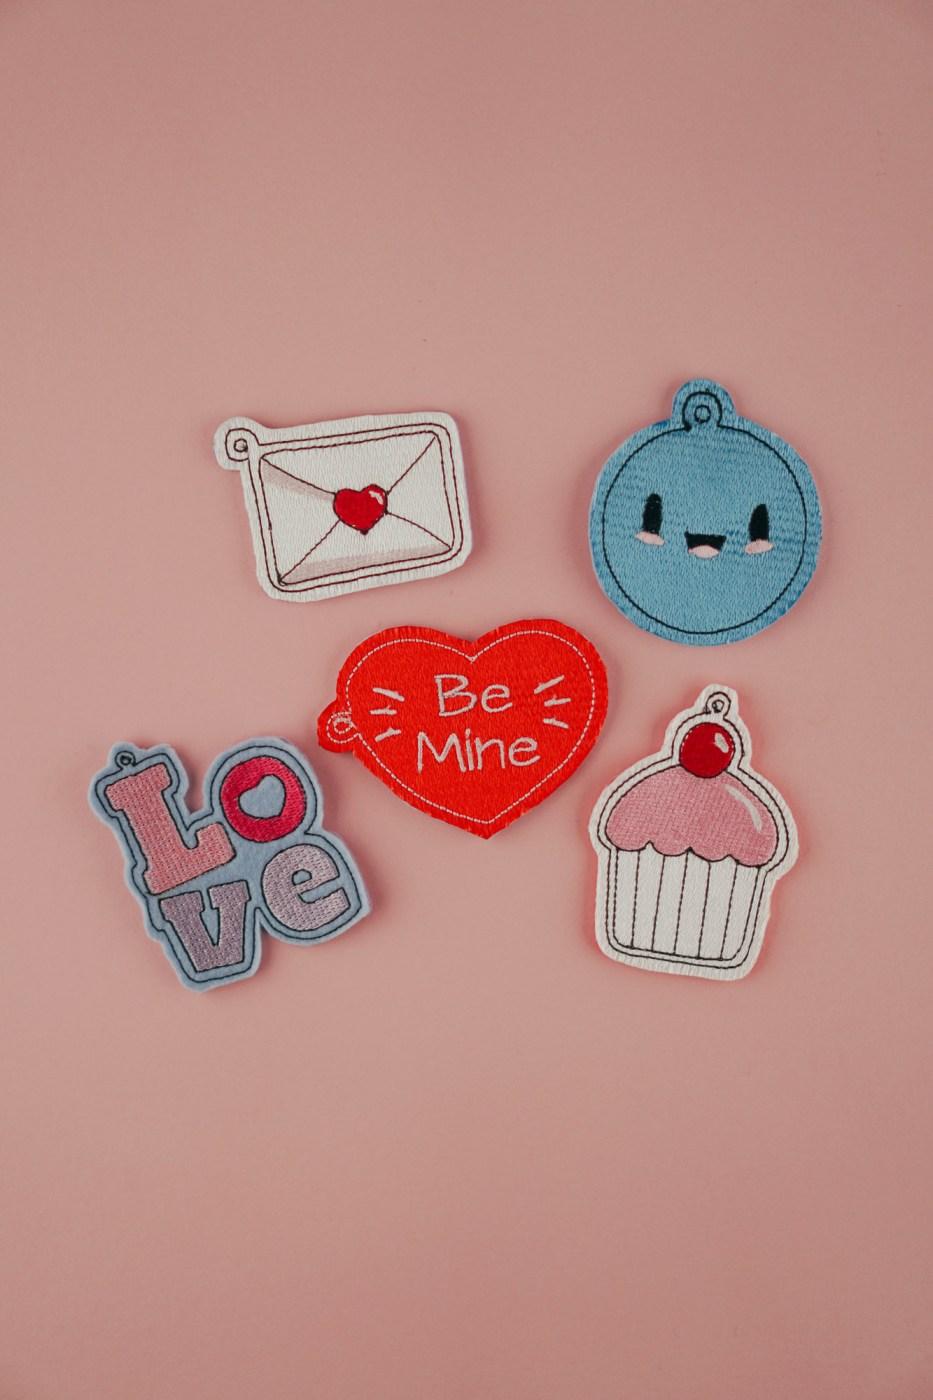 Das beinhaltet das Set: Valentinstag Motive zum Sticken